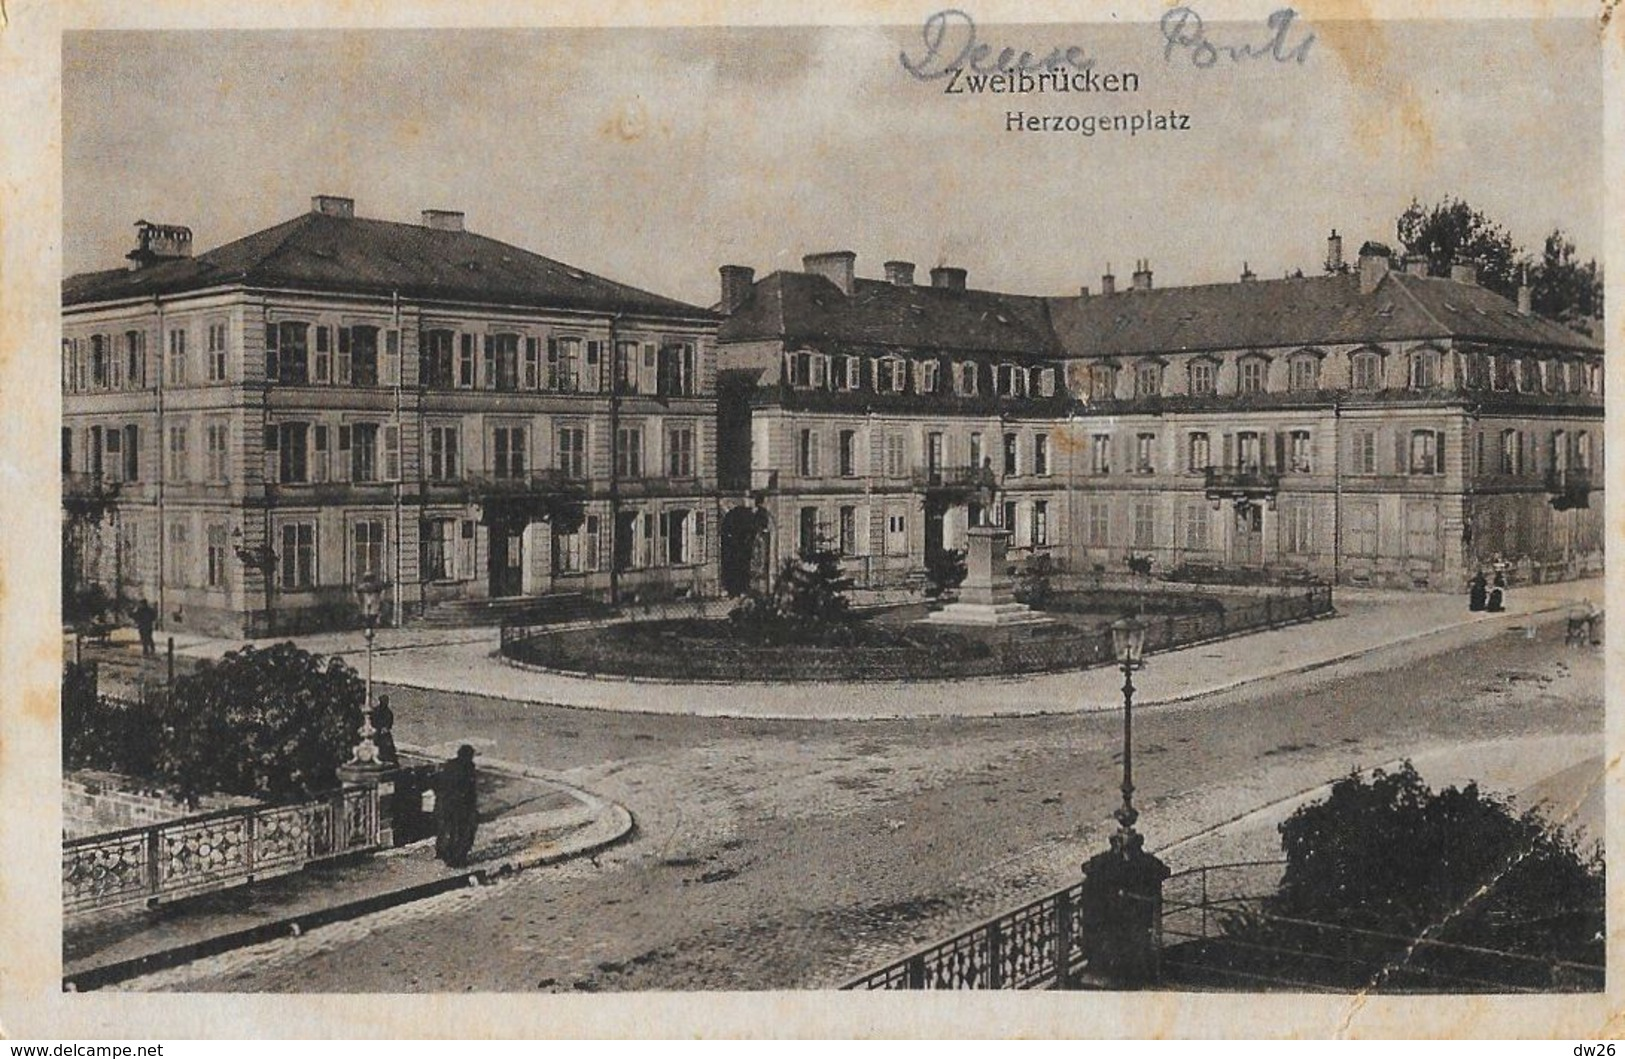 Zweibrucken (Deux-Ponts) - Herzogenplatz - Zweibruecken